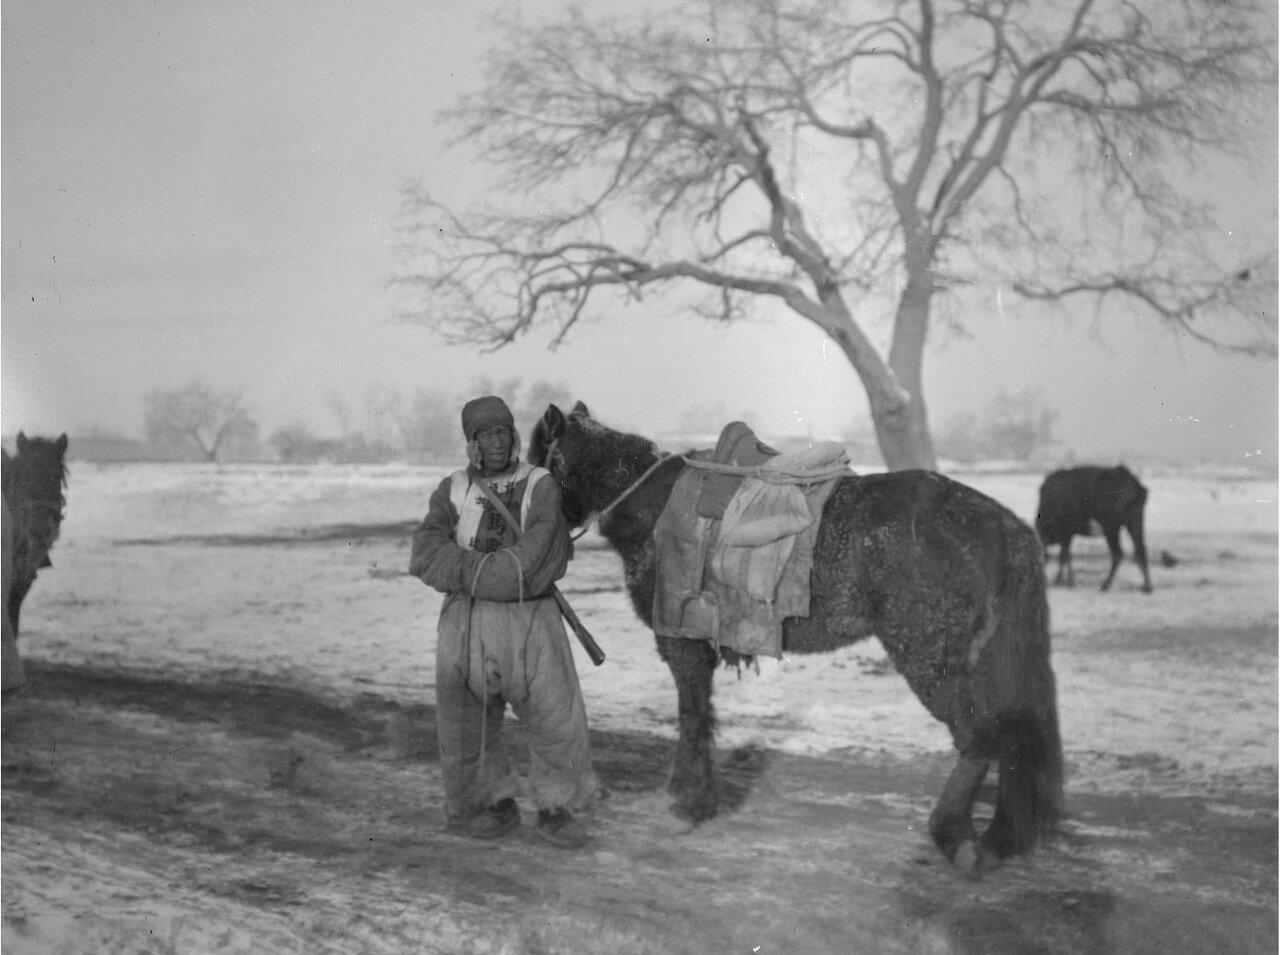 Окрестности Кашгара.Китайские кавалеристы на пути в Кашгар